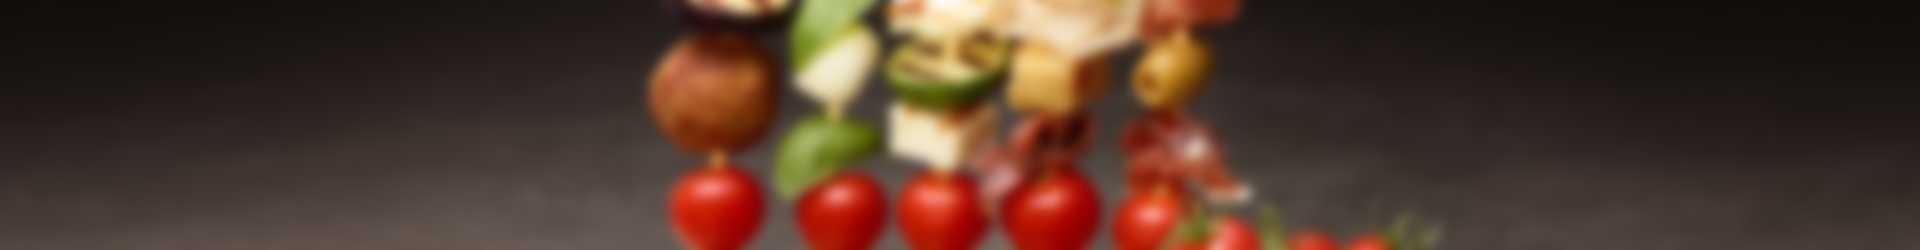 tomaten-prikkers